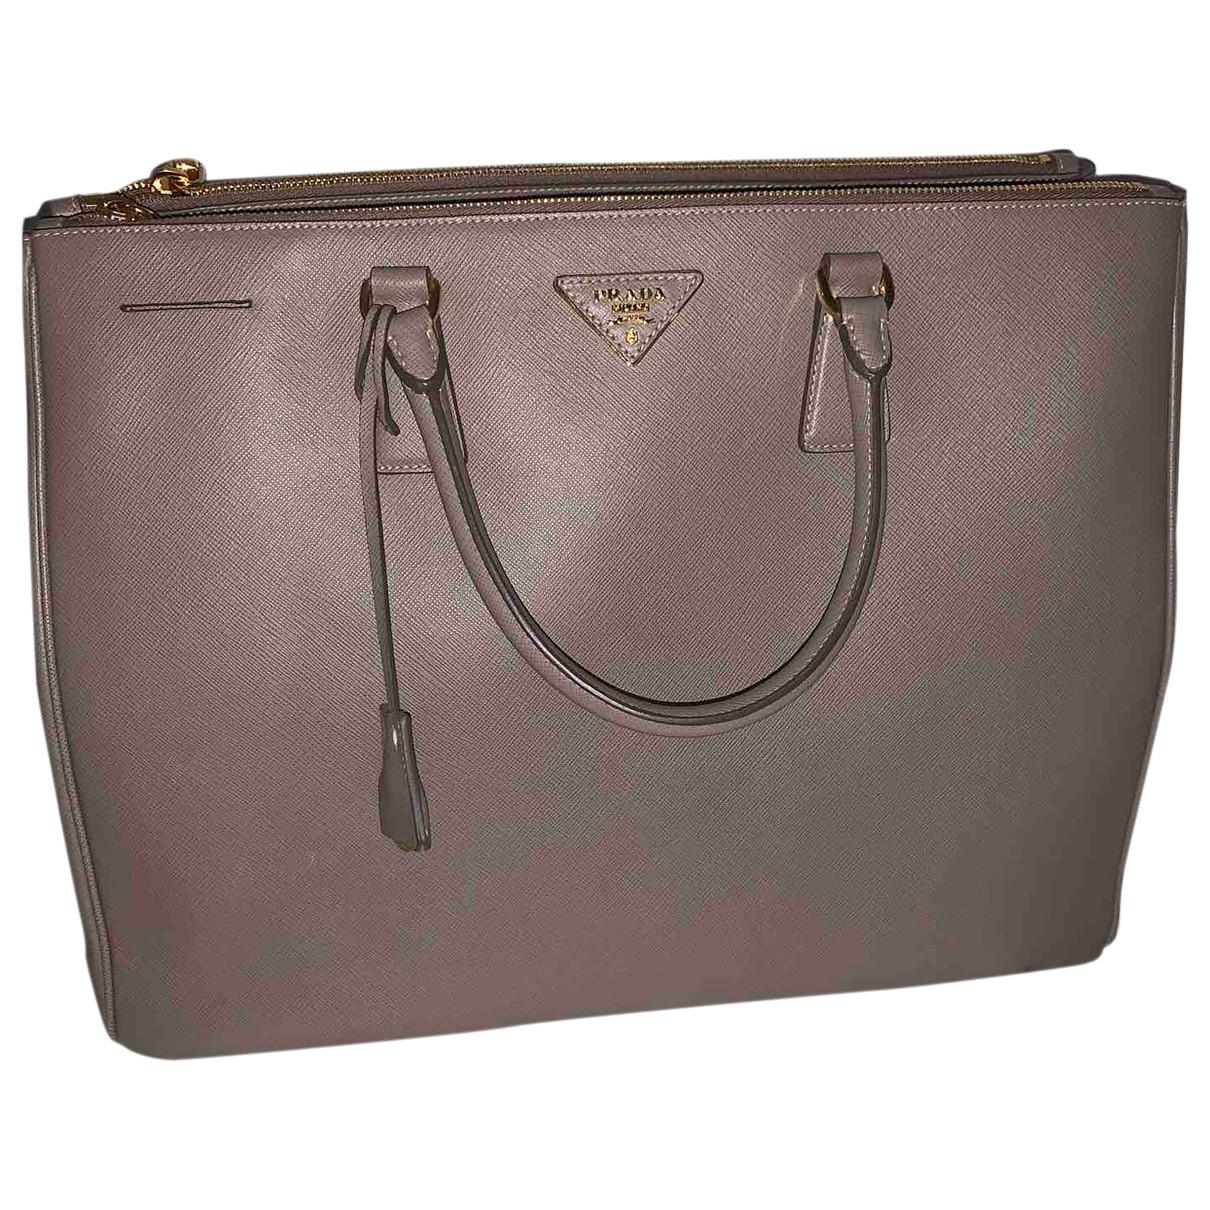 Prada Galleria Grey Leather handbag for Women \N